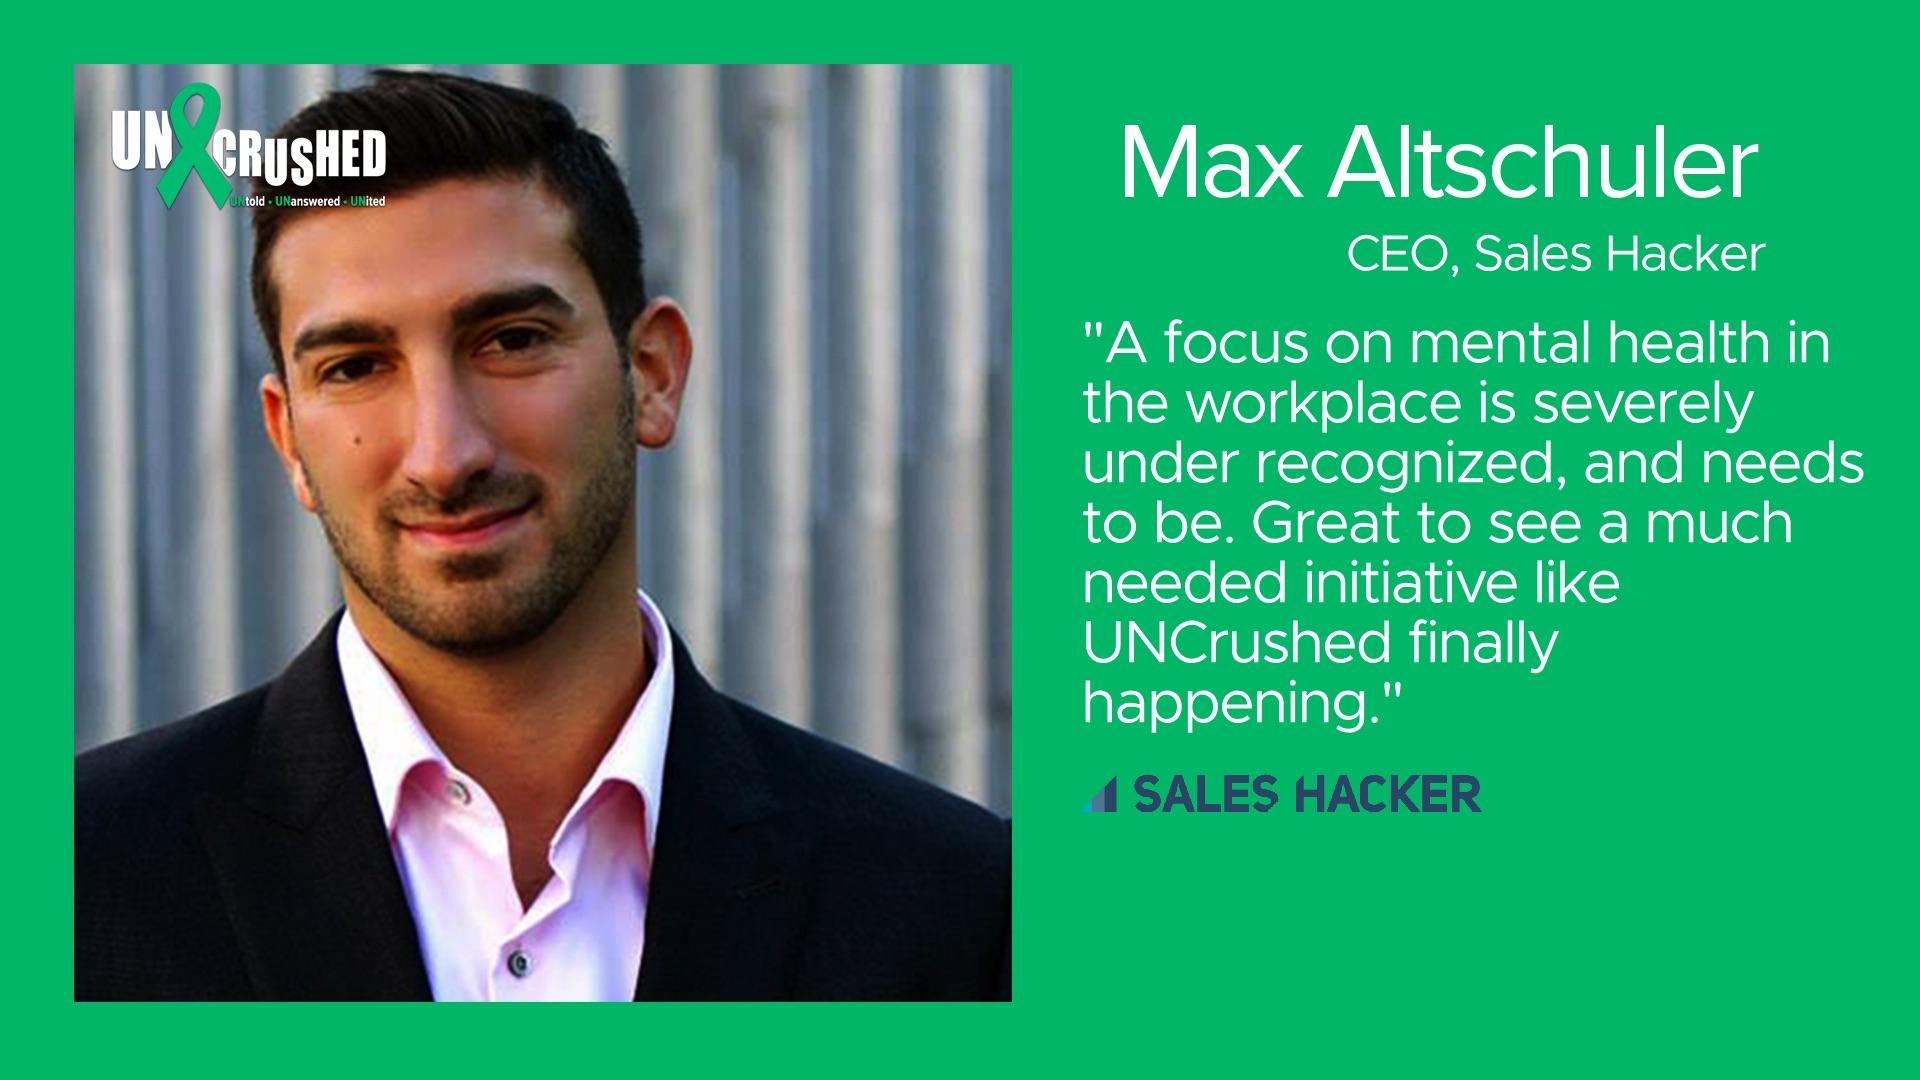 Max Alts_web.jpg